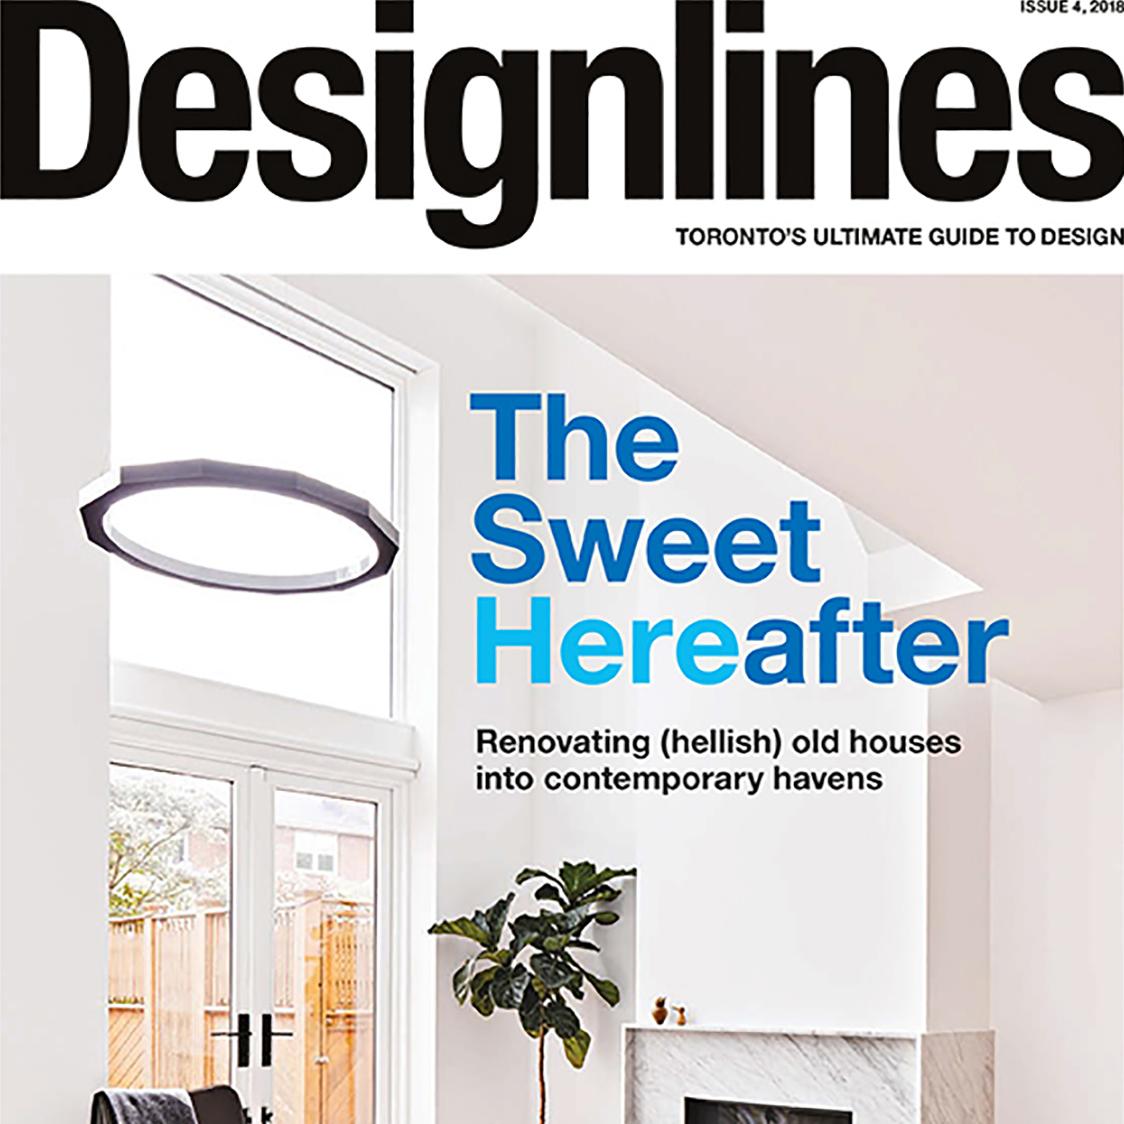 H142: Designlines 2018